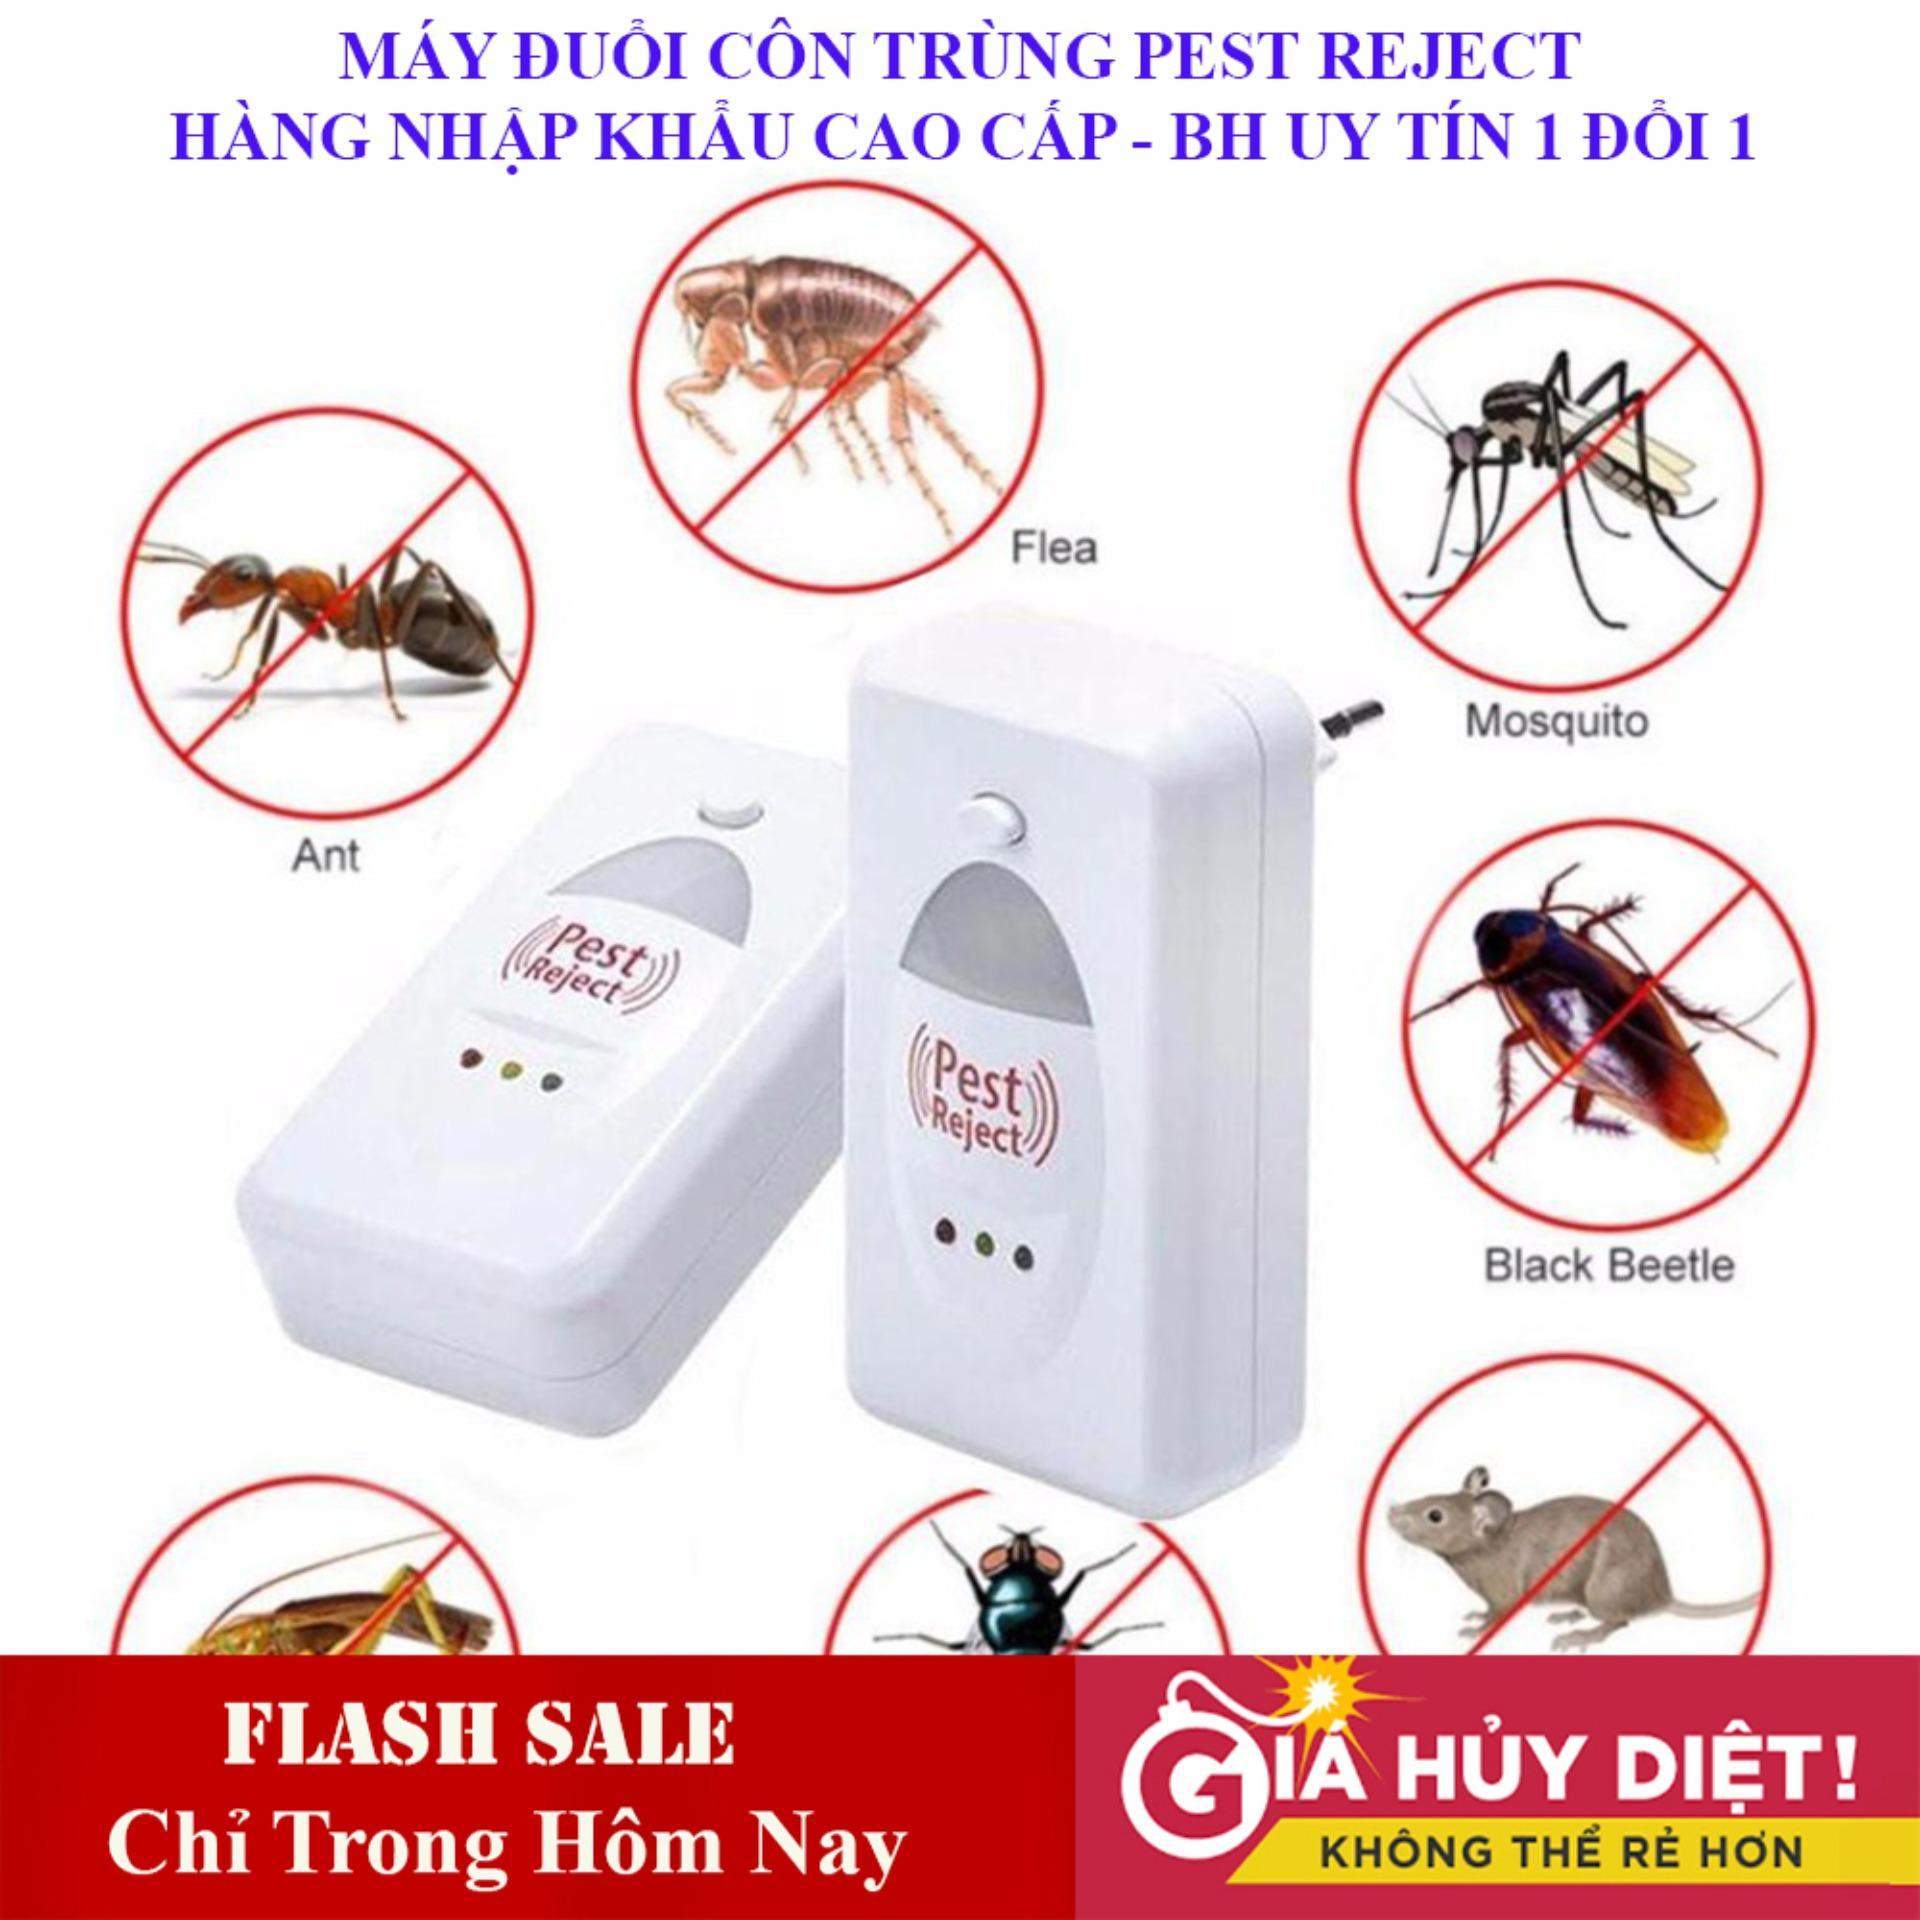 Đèn đuổi muỗi nhật bản , Đèn bắt muỗi nhật bản - Máy đuổi côn trùng pest reject , Công nghệ đuổi muỗi tiến tiến xua đuổi côn trùng hiệu quả, tuyệt đối an toàn S220 - BH Uy Tín 1 đổi 1 bởi Smart Tech